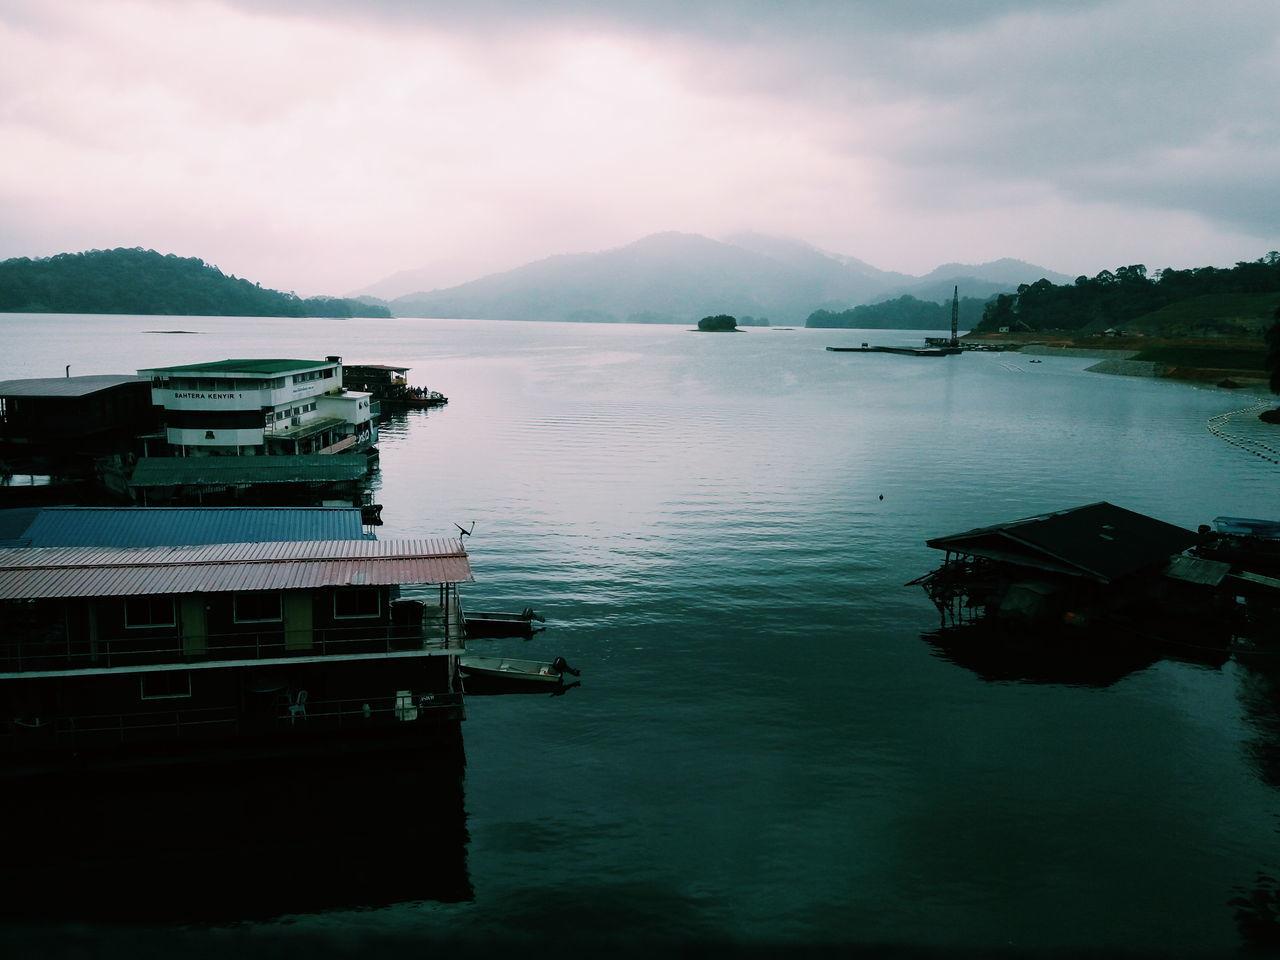 Man made lake, the Dam of Kenyir. Dam Kenyir Manmade Lake Biggest Lake